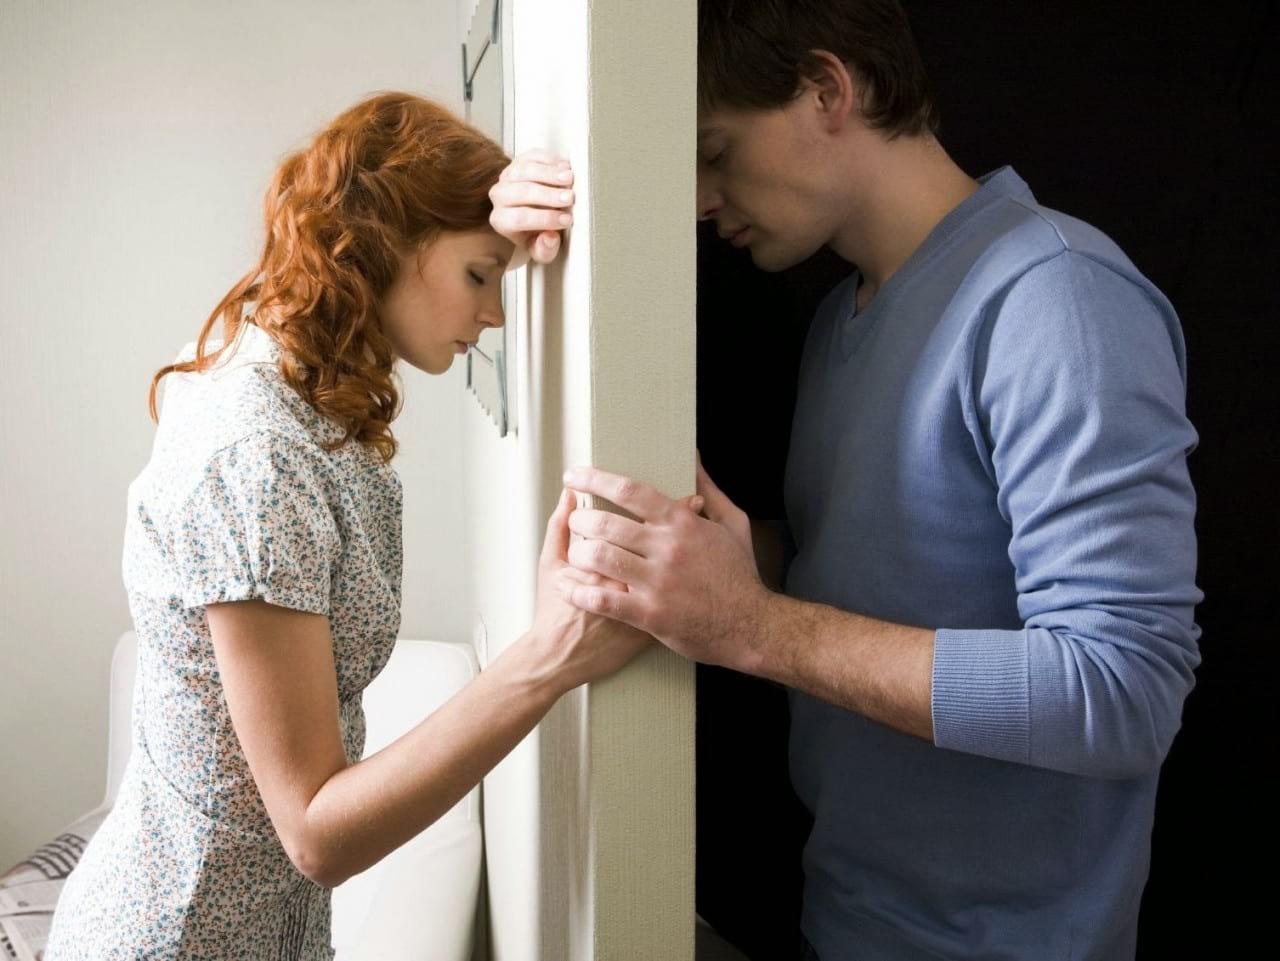 Как правильно ссориться без разрушительных последствий — колесо жизни